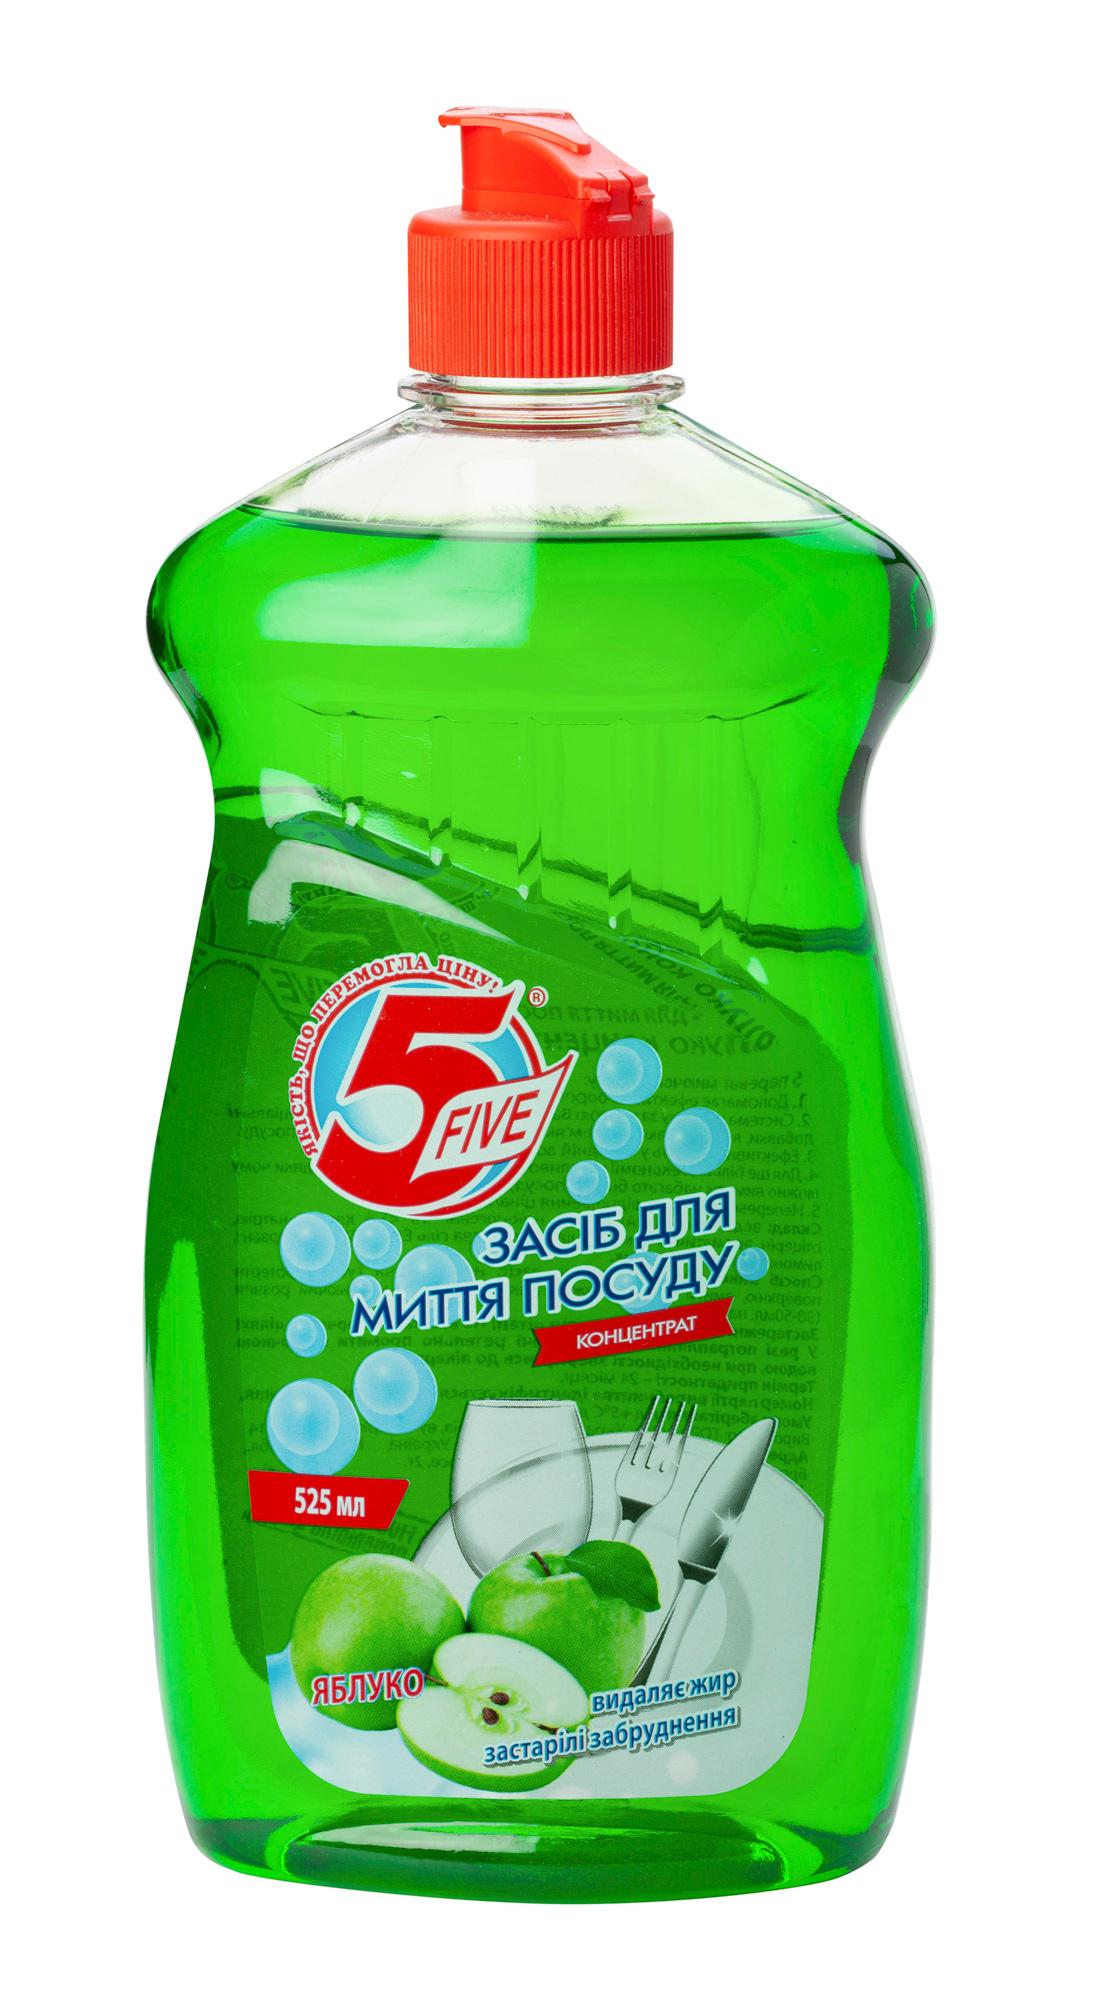 Жидкое моющее средство 525мл. Яблоко 5 Five - фото 1